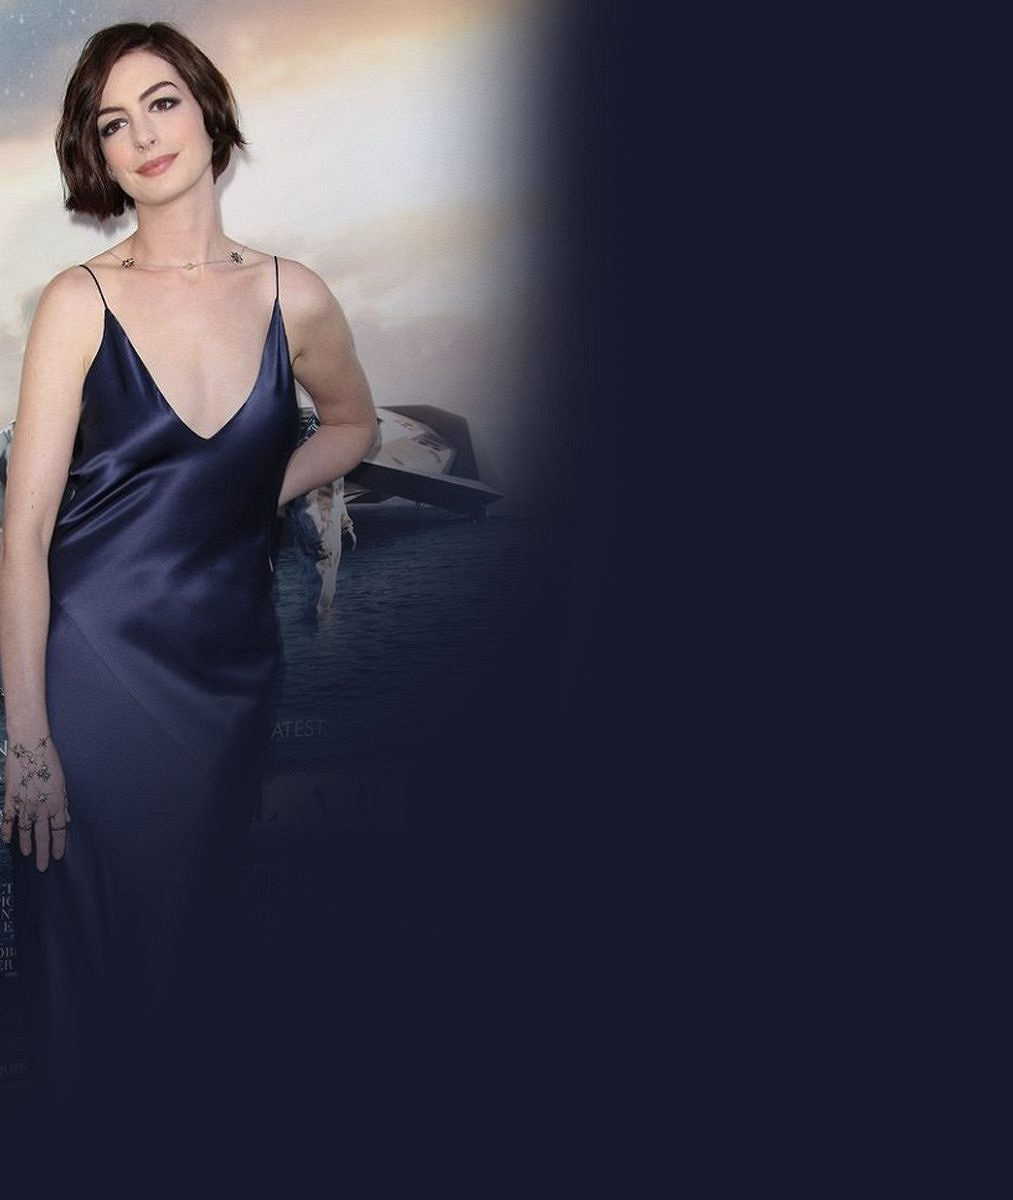 Takhle vypadá ryzí láska: Slavná herečka tráví smanželem dovolenou jako dokonalí milenci zromantického filmu